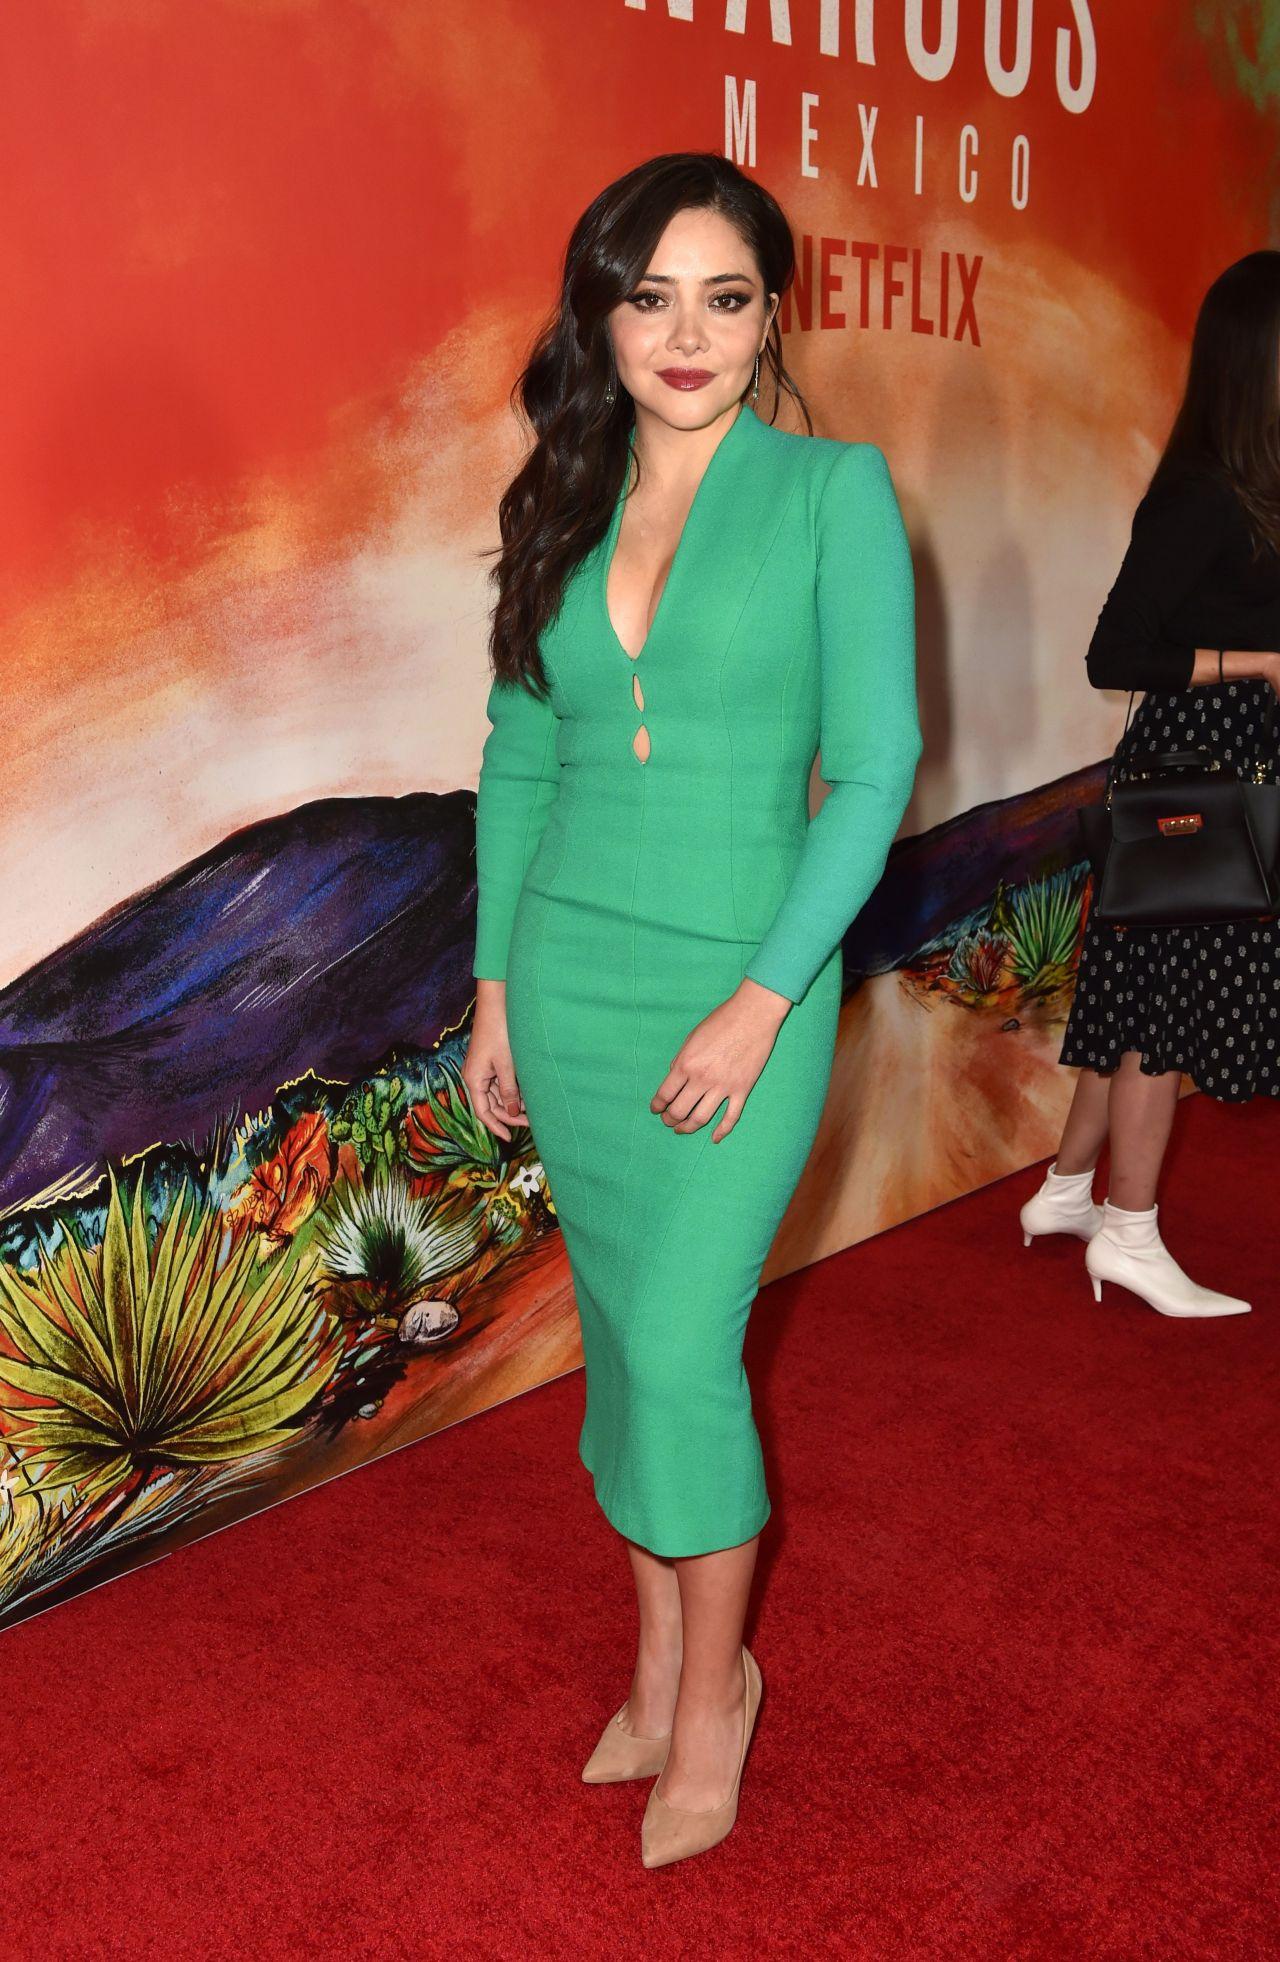 Teresa Ruiz Narcos Mexico Season 1 Premiere In Los